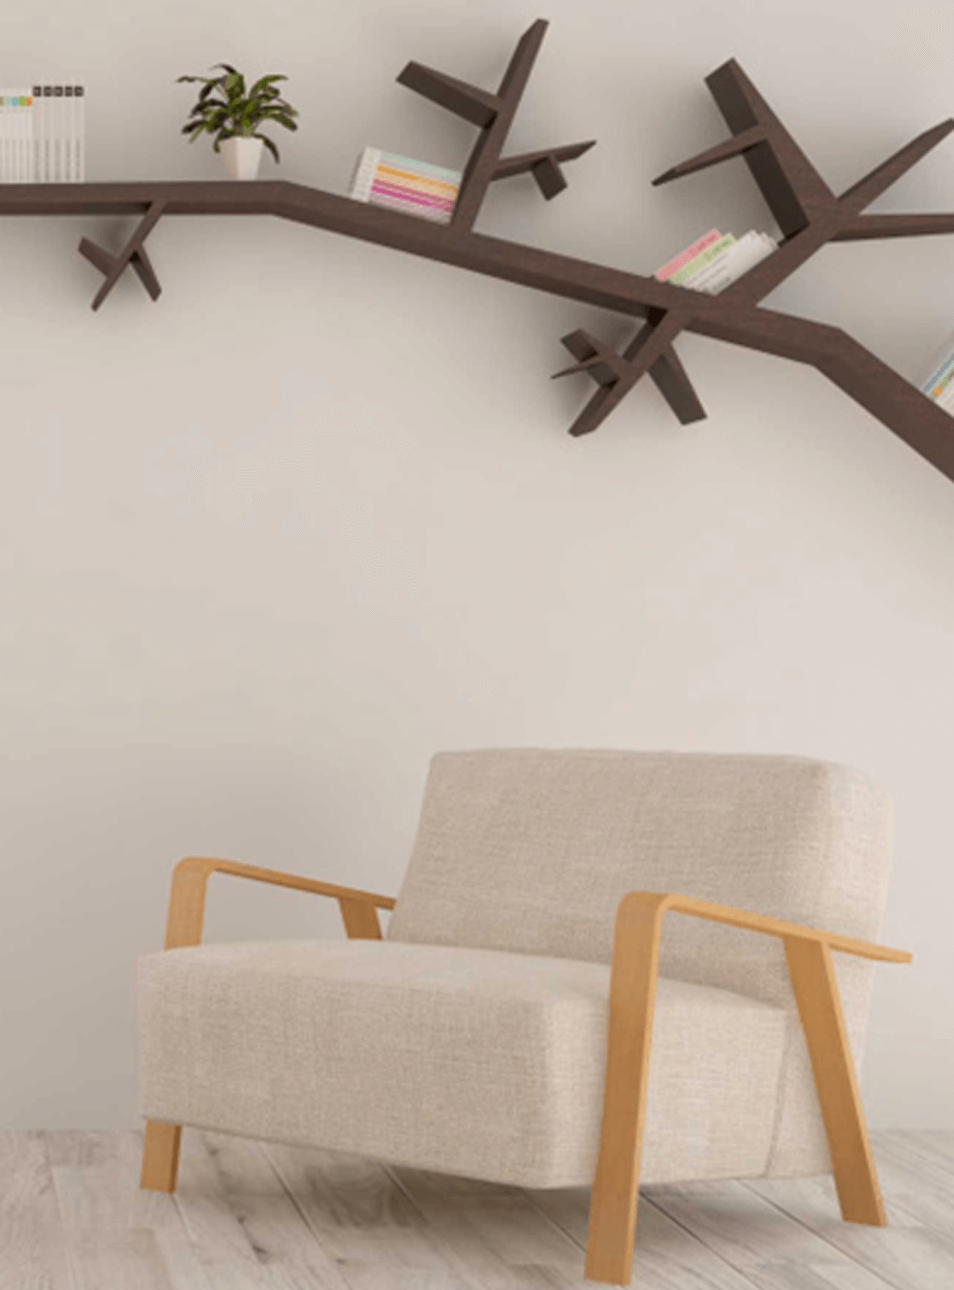 Fauteuil scandinave et étagère en bois